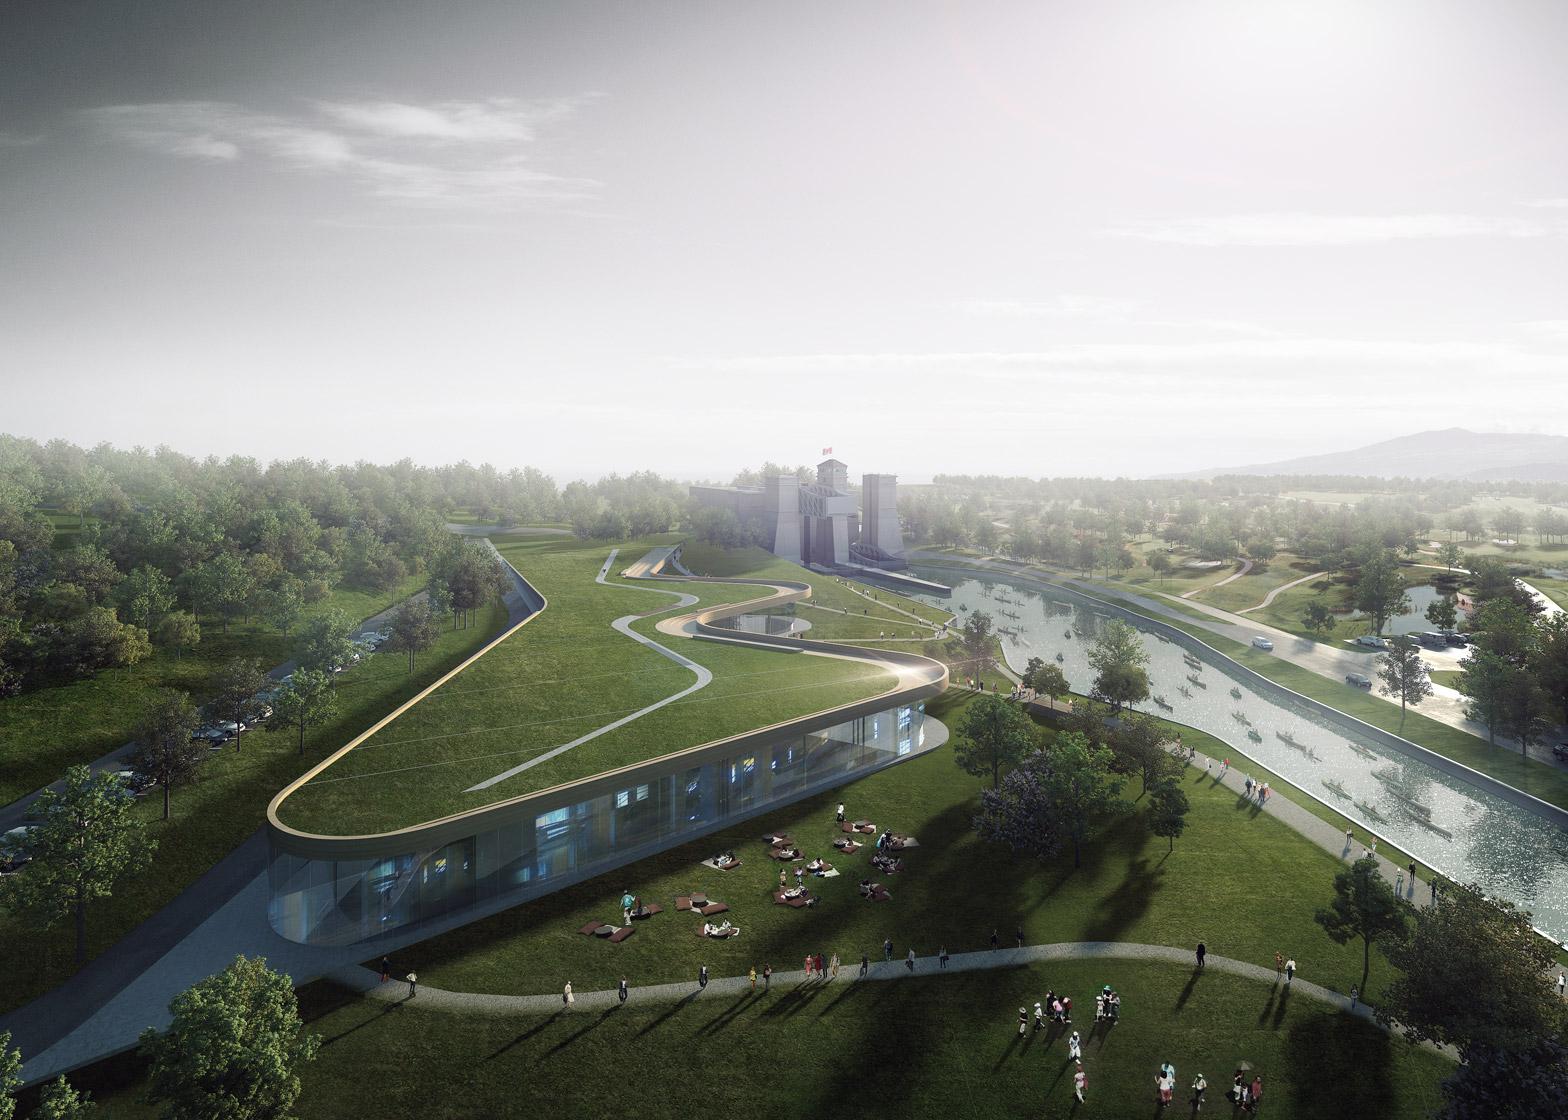 Render Ster van de Week - Kano Museum Canada door Heneghan Peng Architects